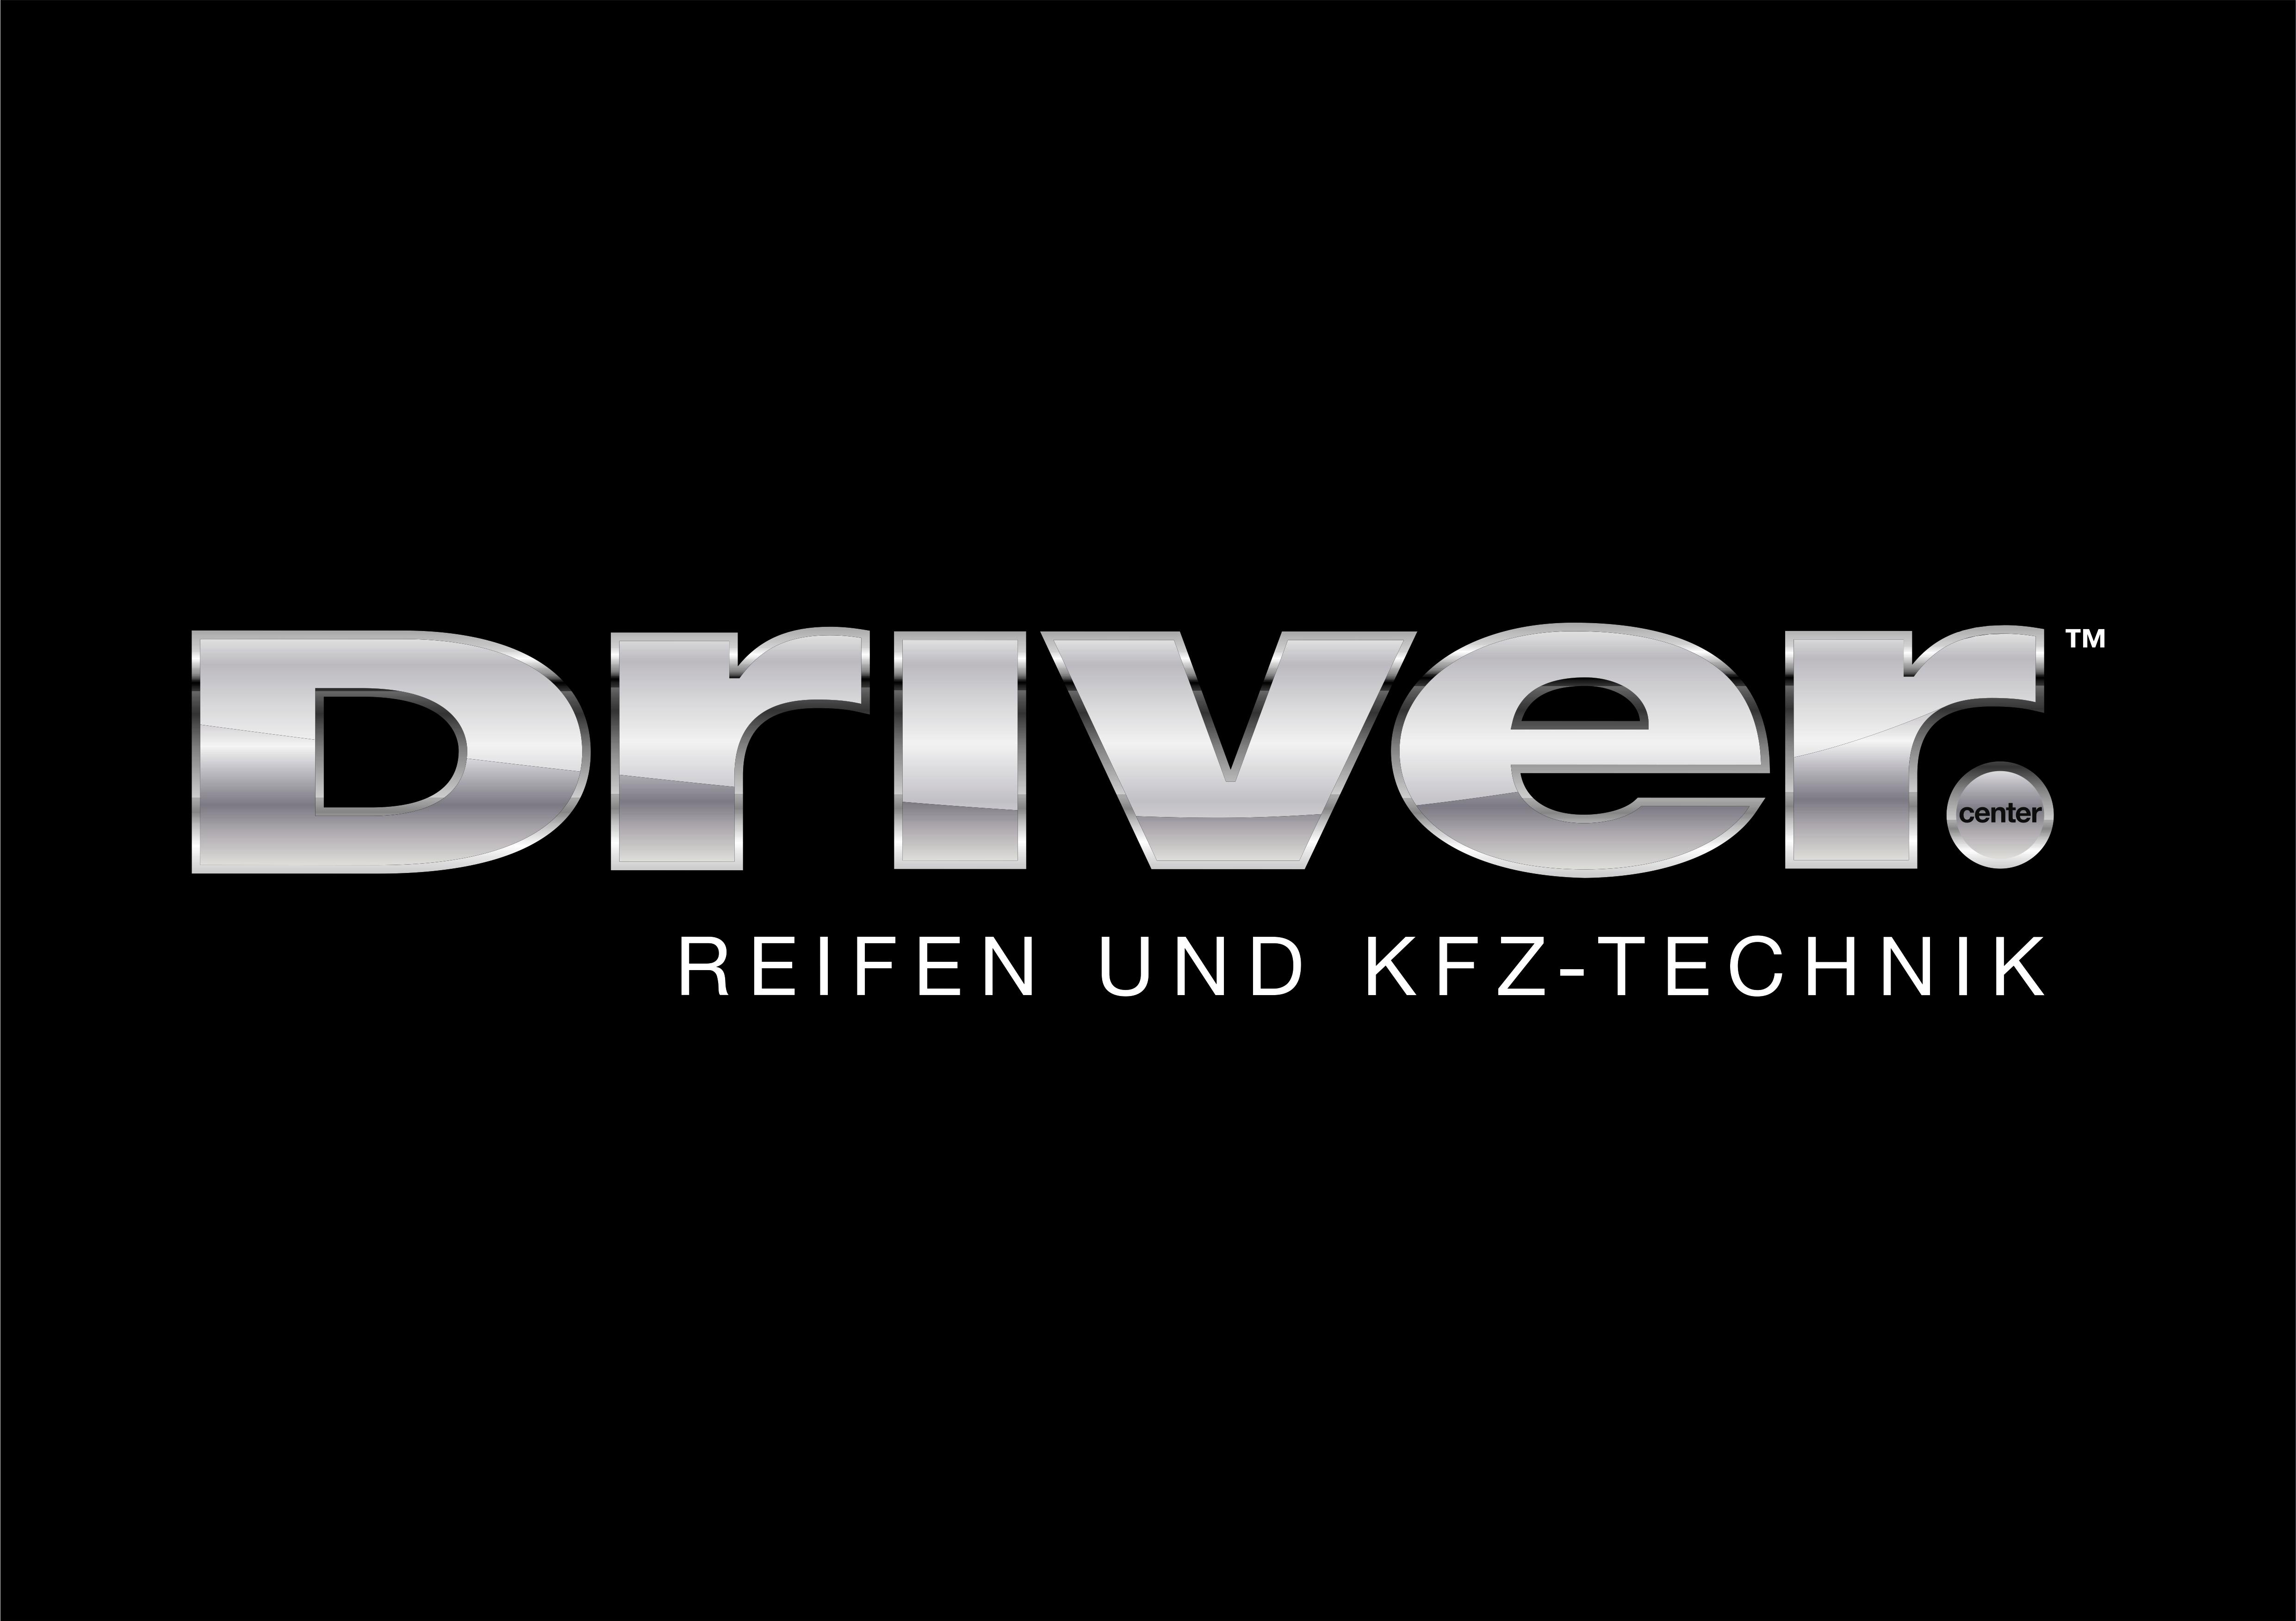 DRIVER CENTER TUTTLINGEN - DRIVER REIFEN UND KFZ-TECHNIK GMBH